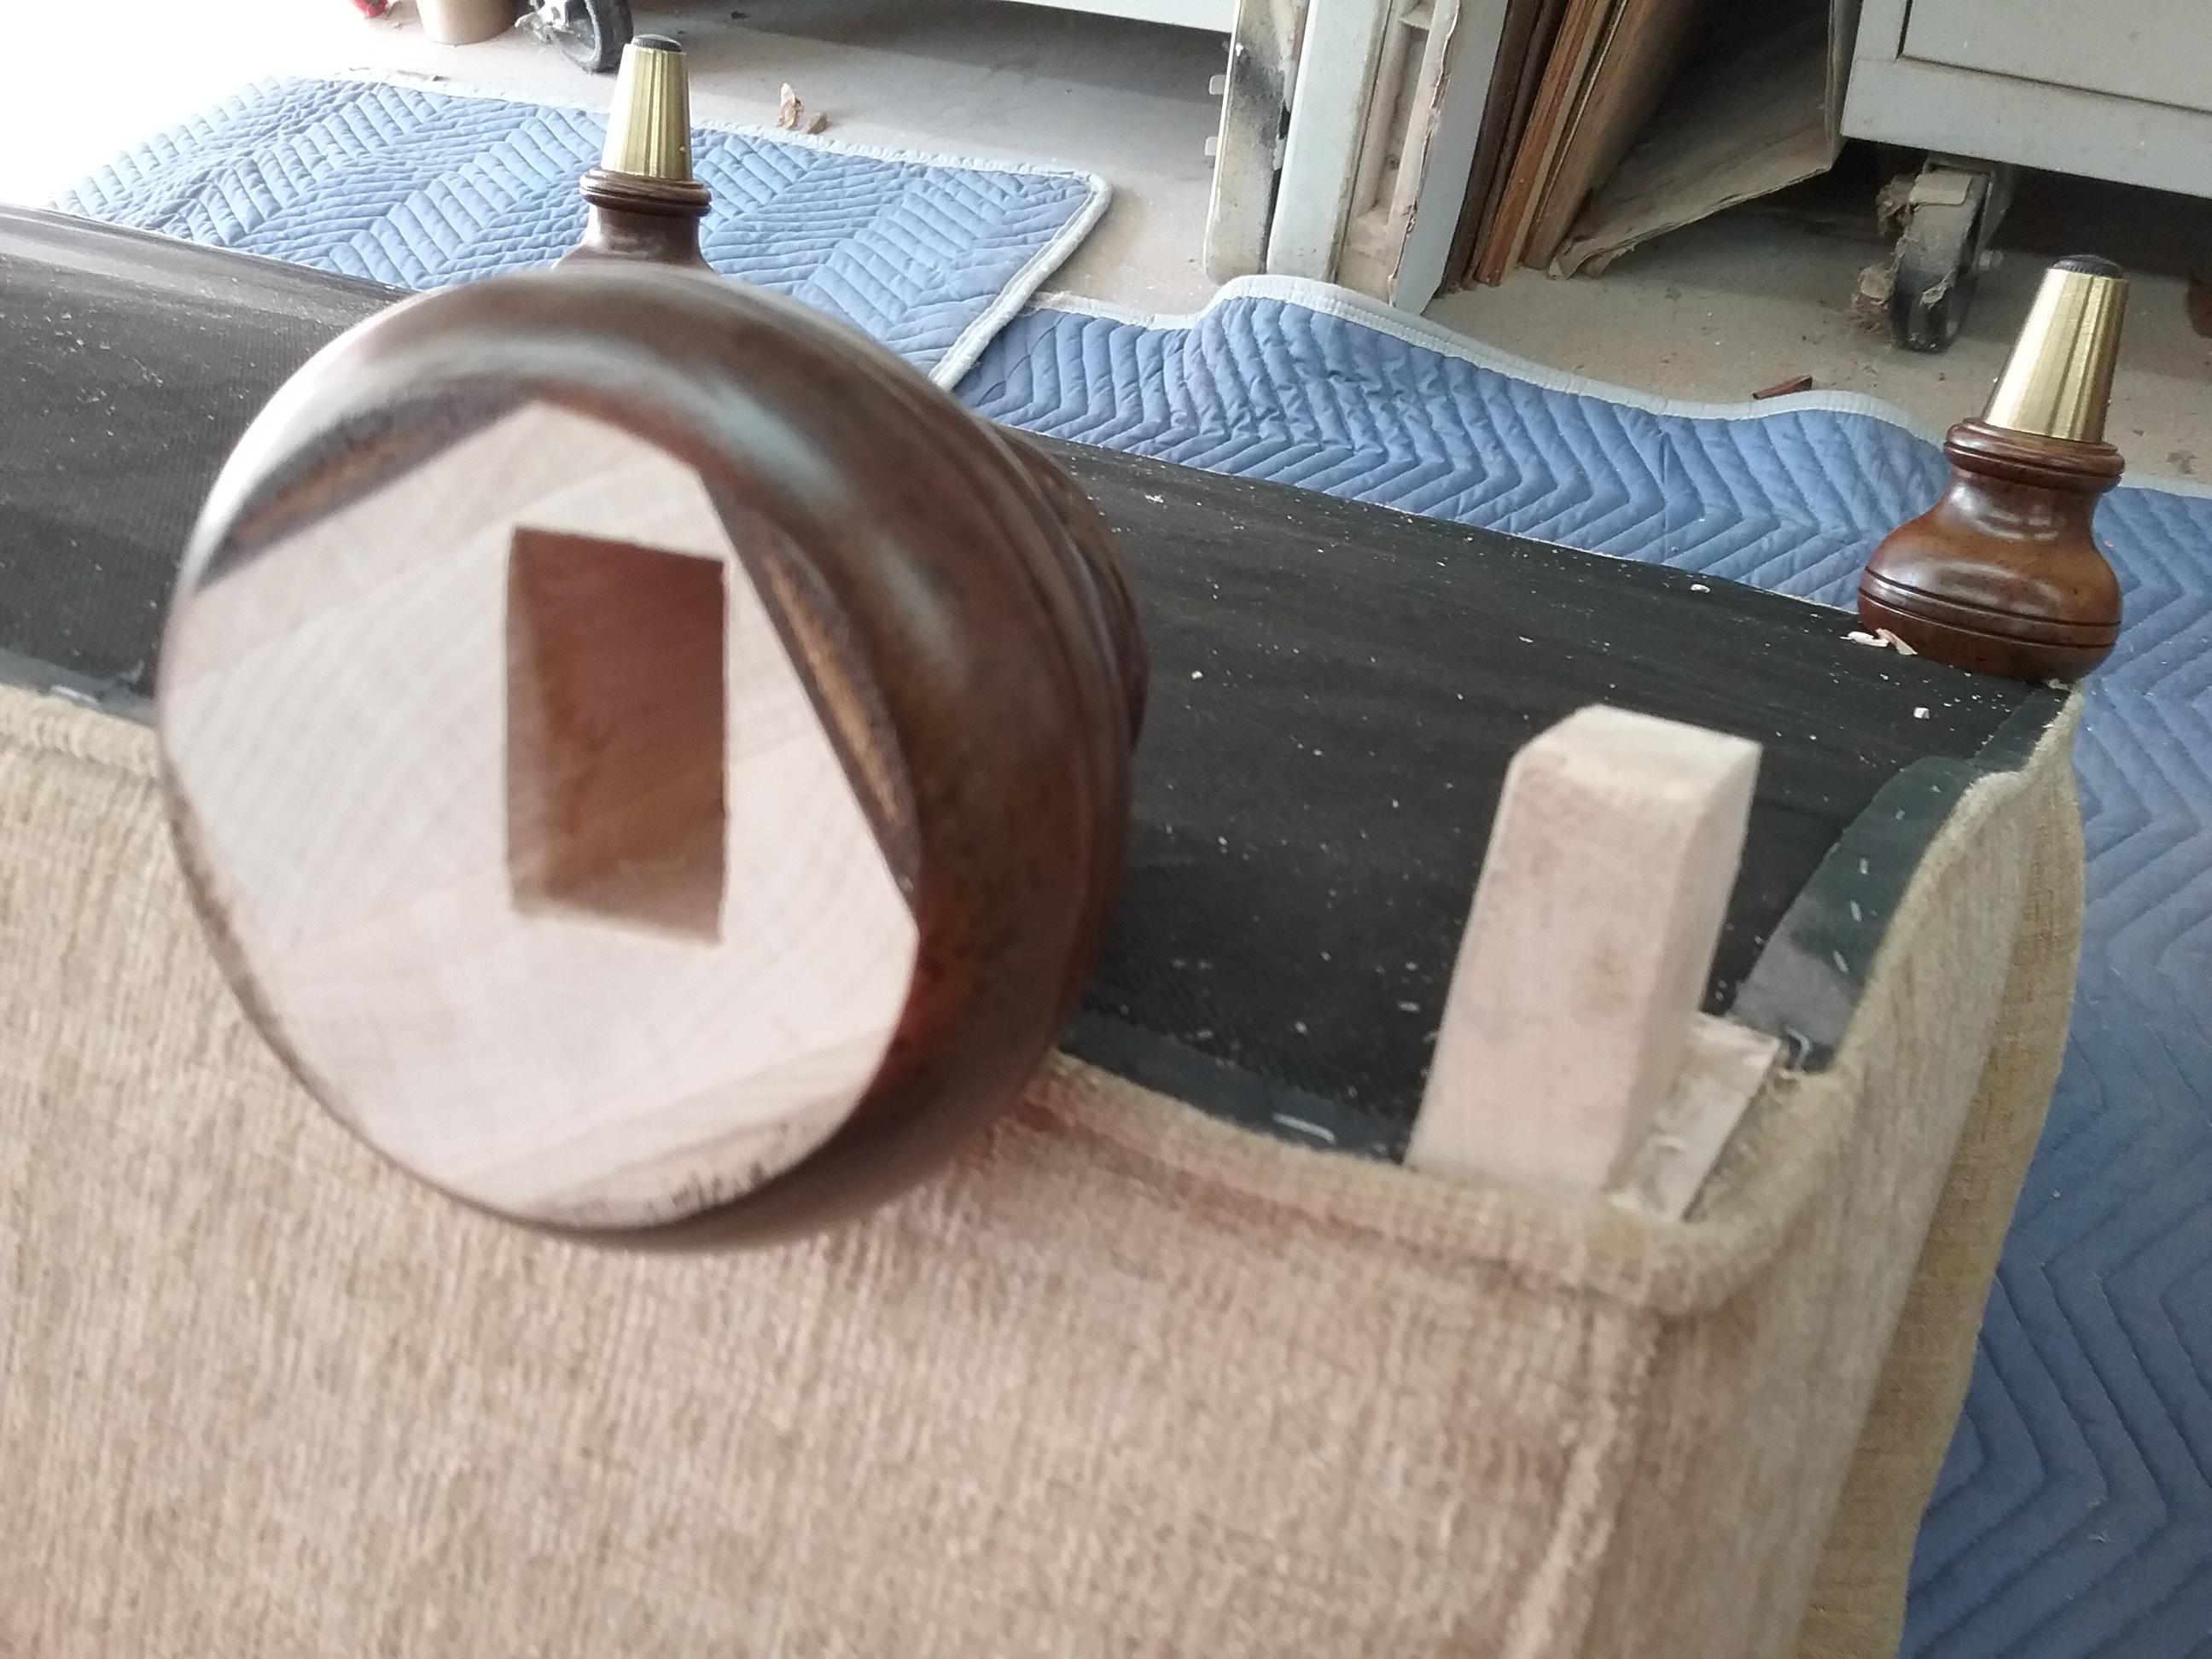 mortise and tenon sofa repair